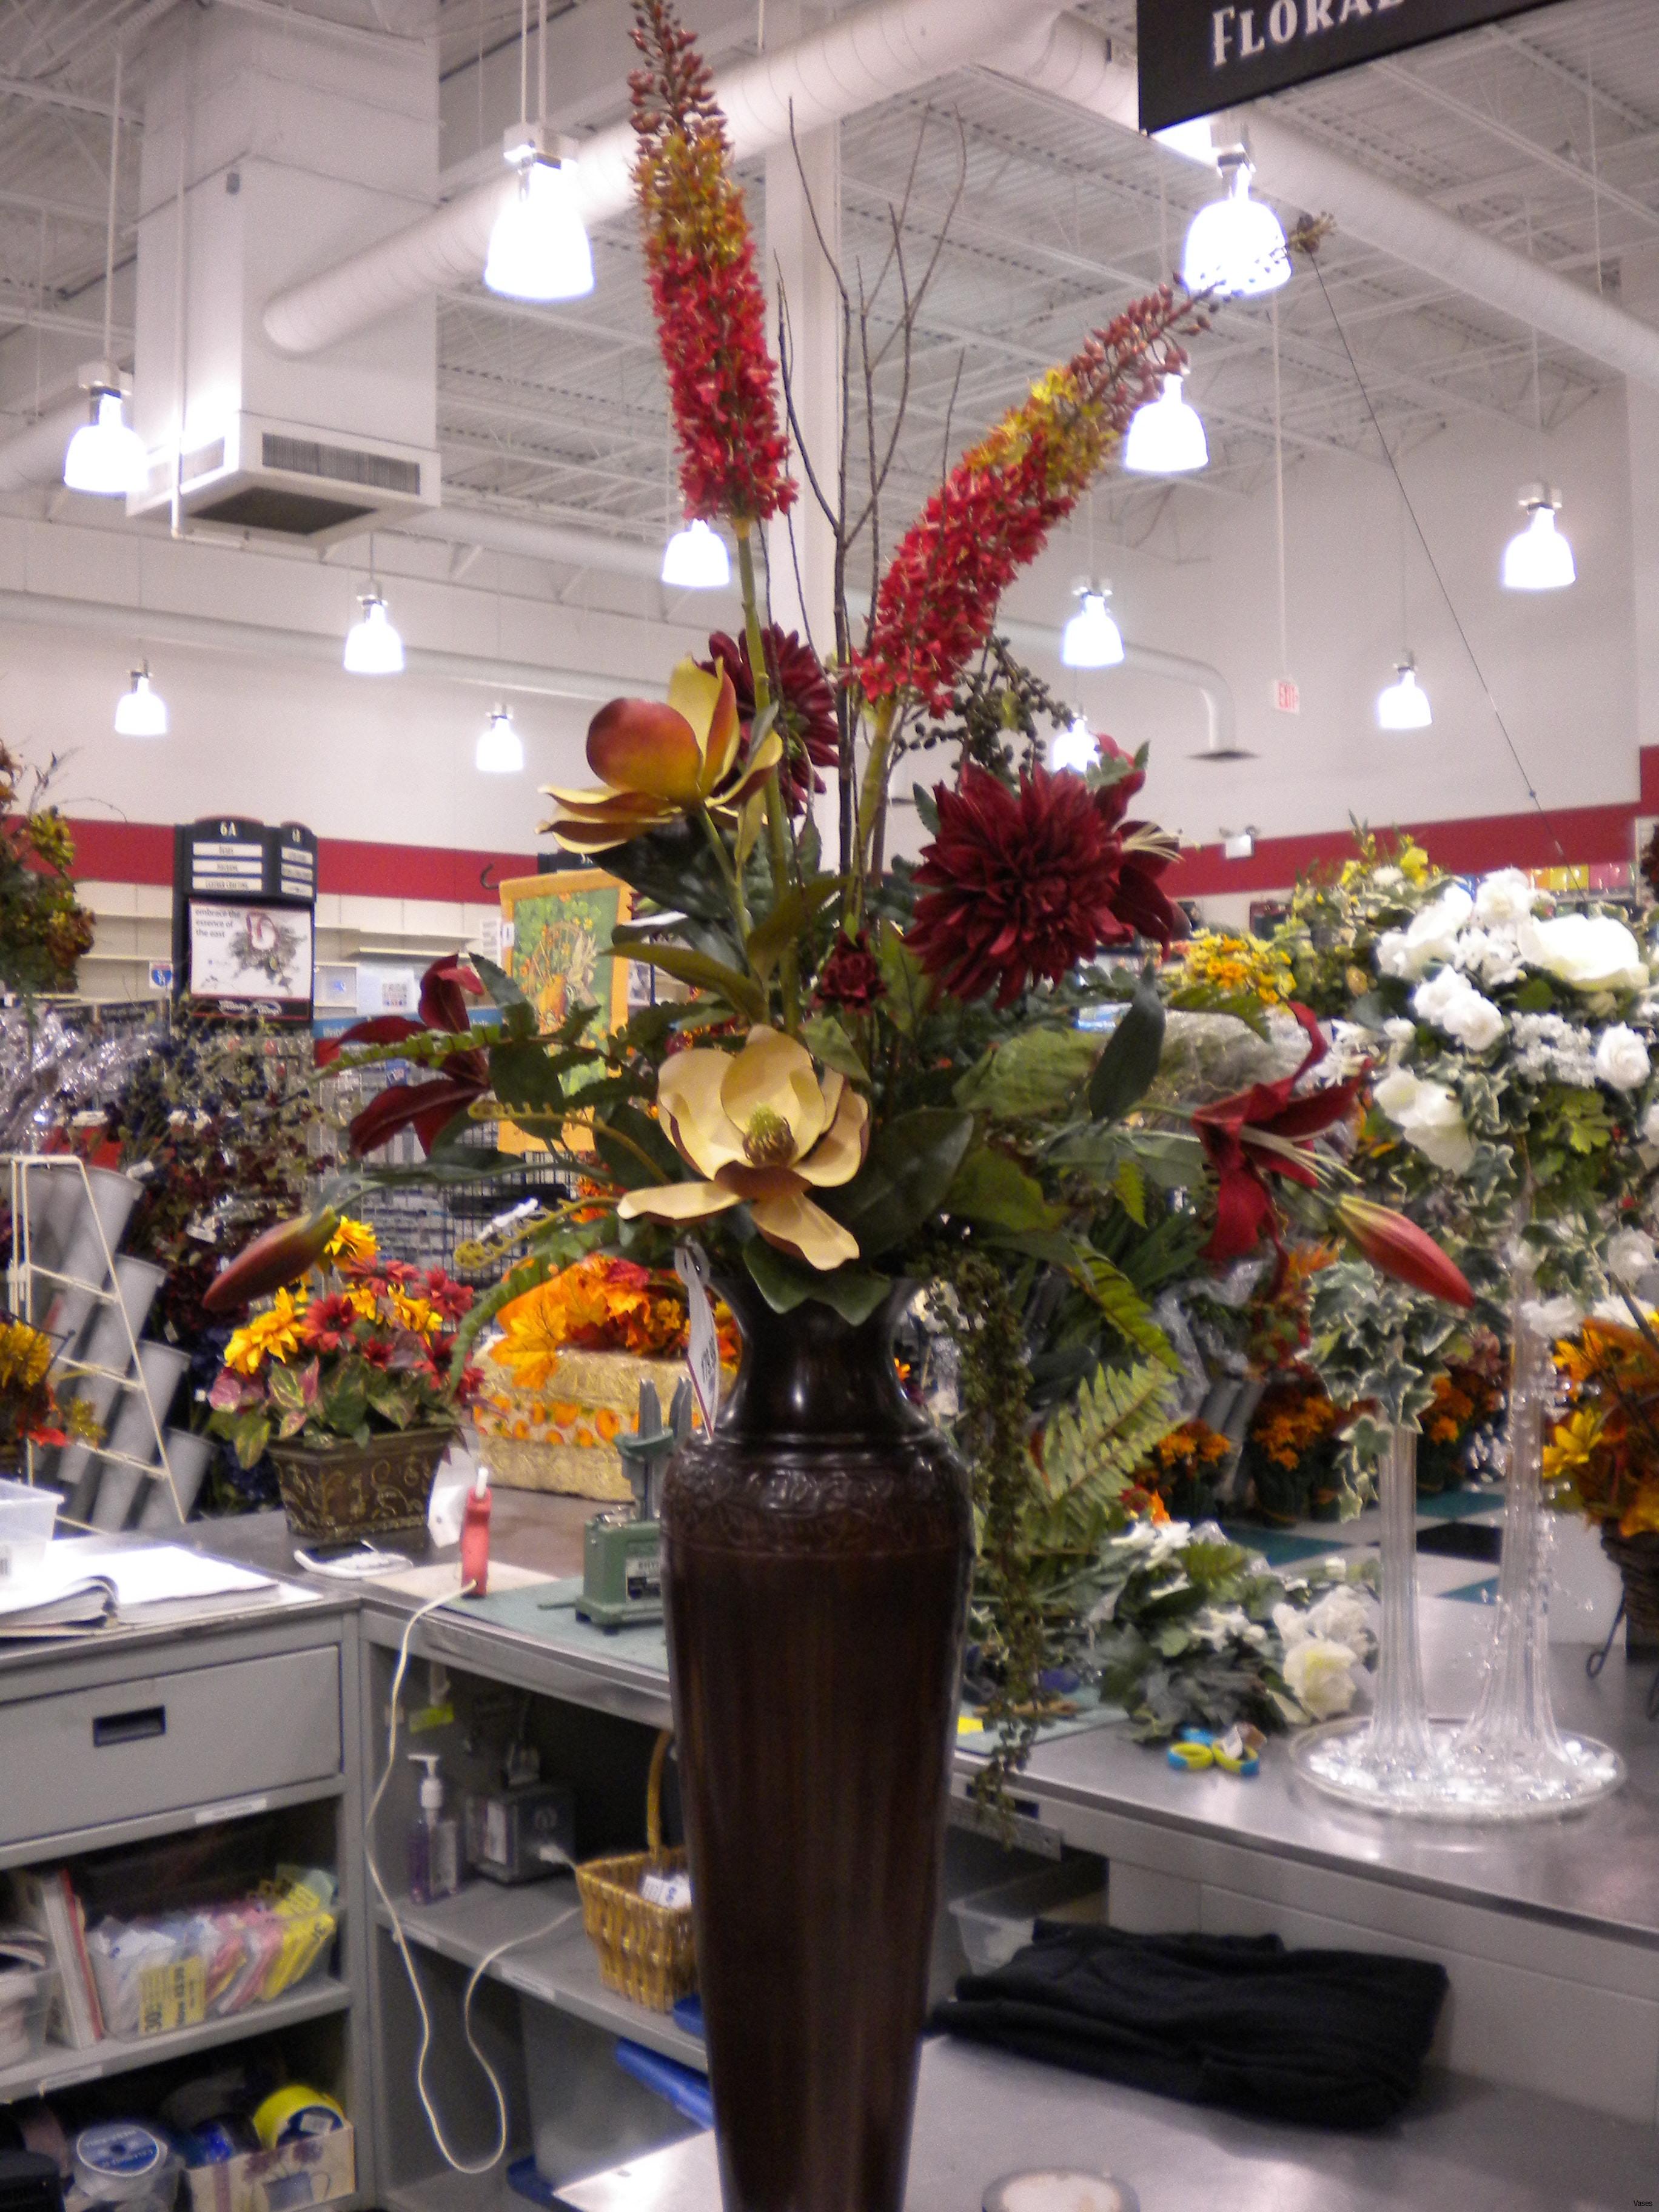 H Vases for Flower Arrangements I 0d Dry Design Ideas Fake orchid Design orchid Floral